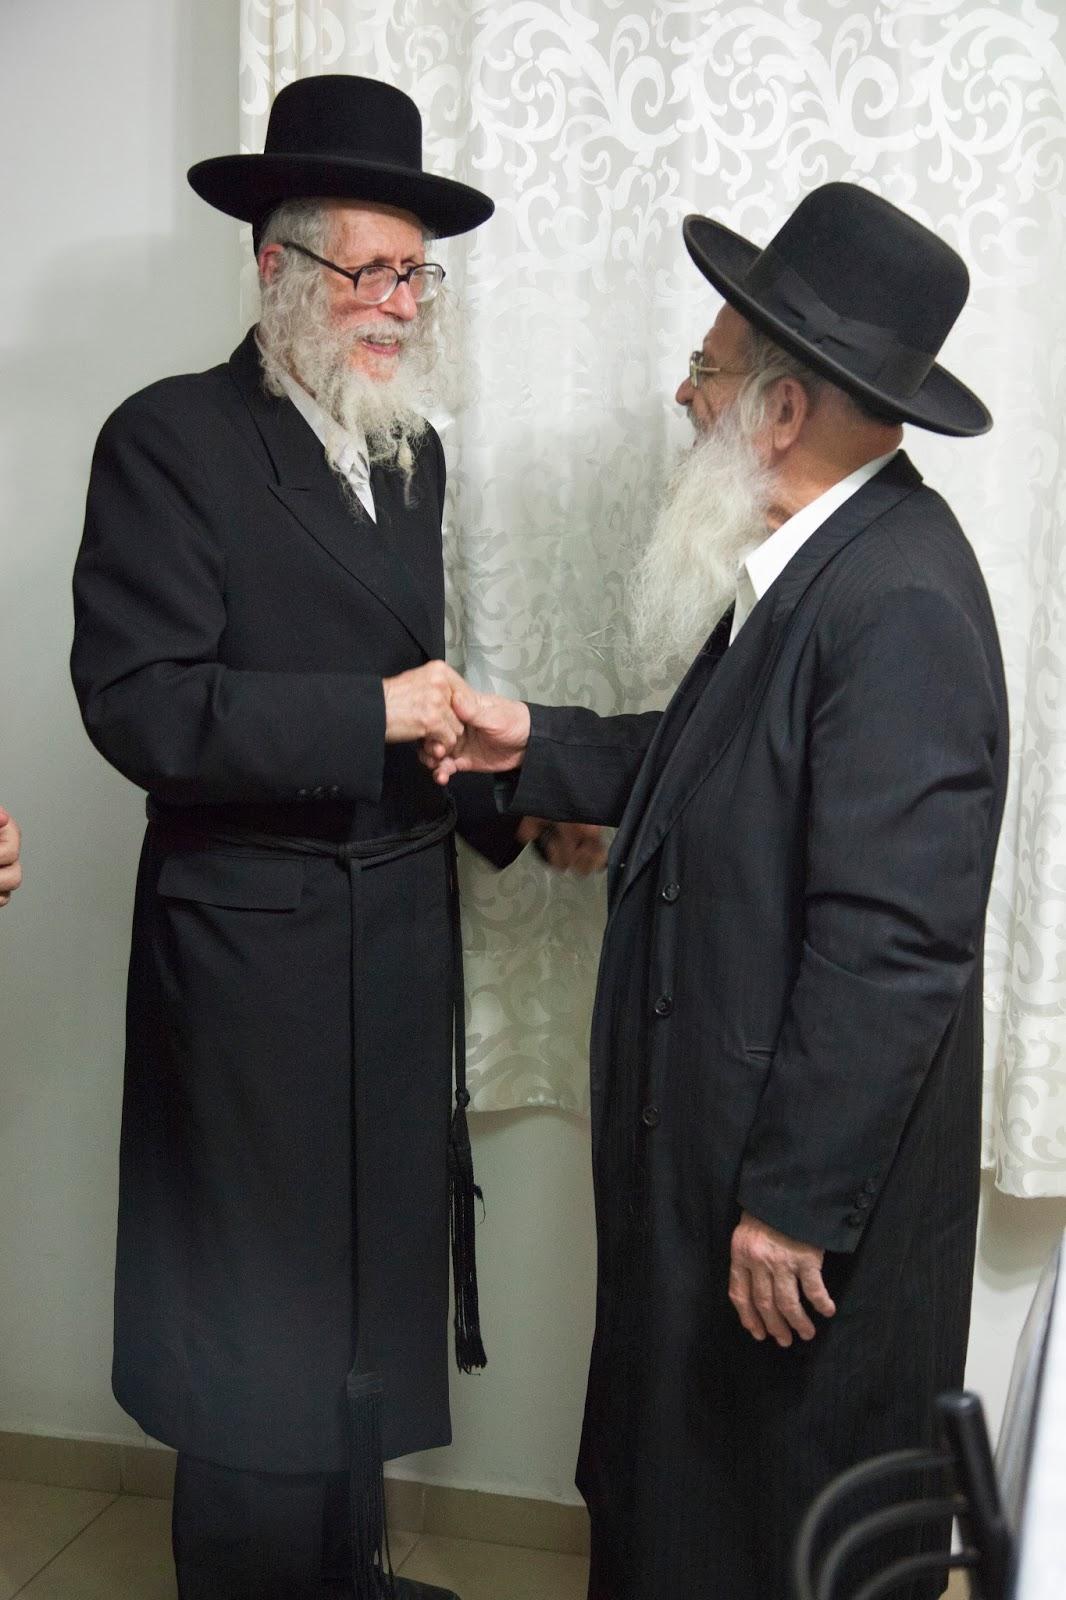 הרב ברלנד עם הרב נחמן רוזנטל